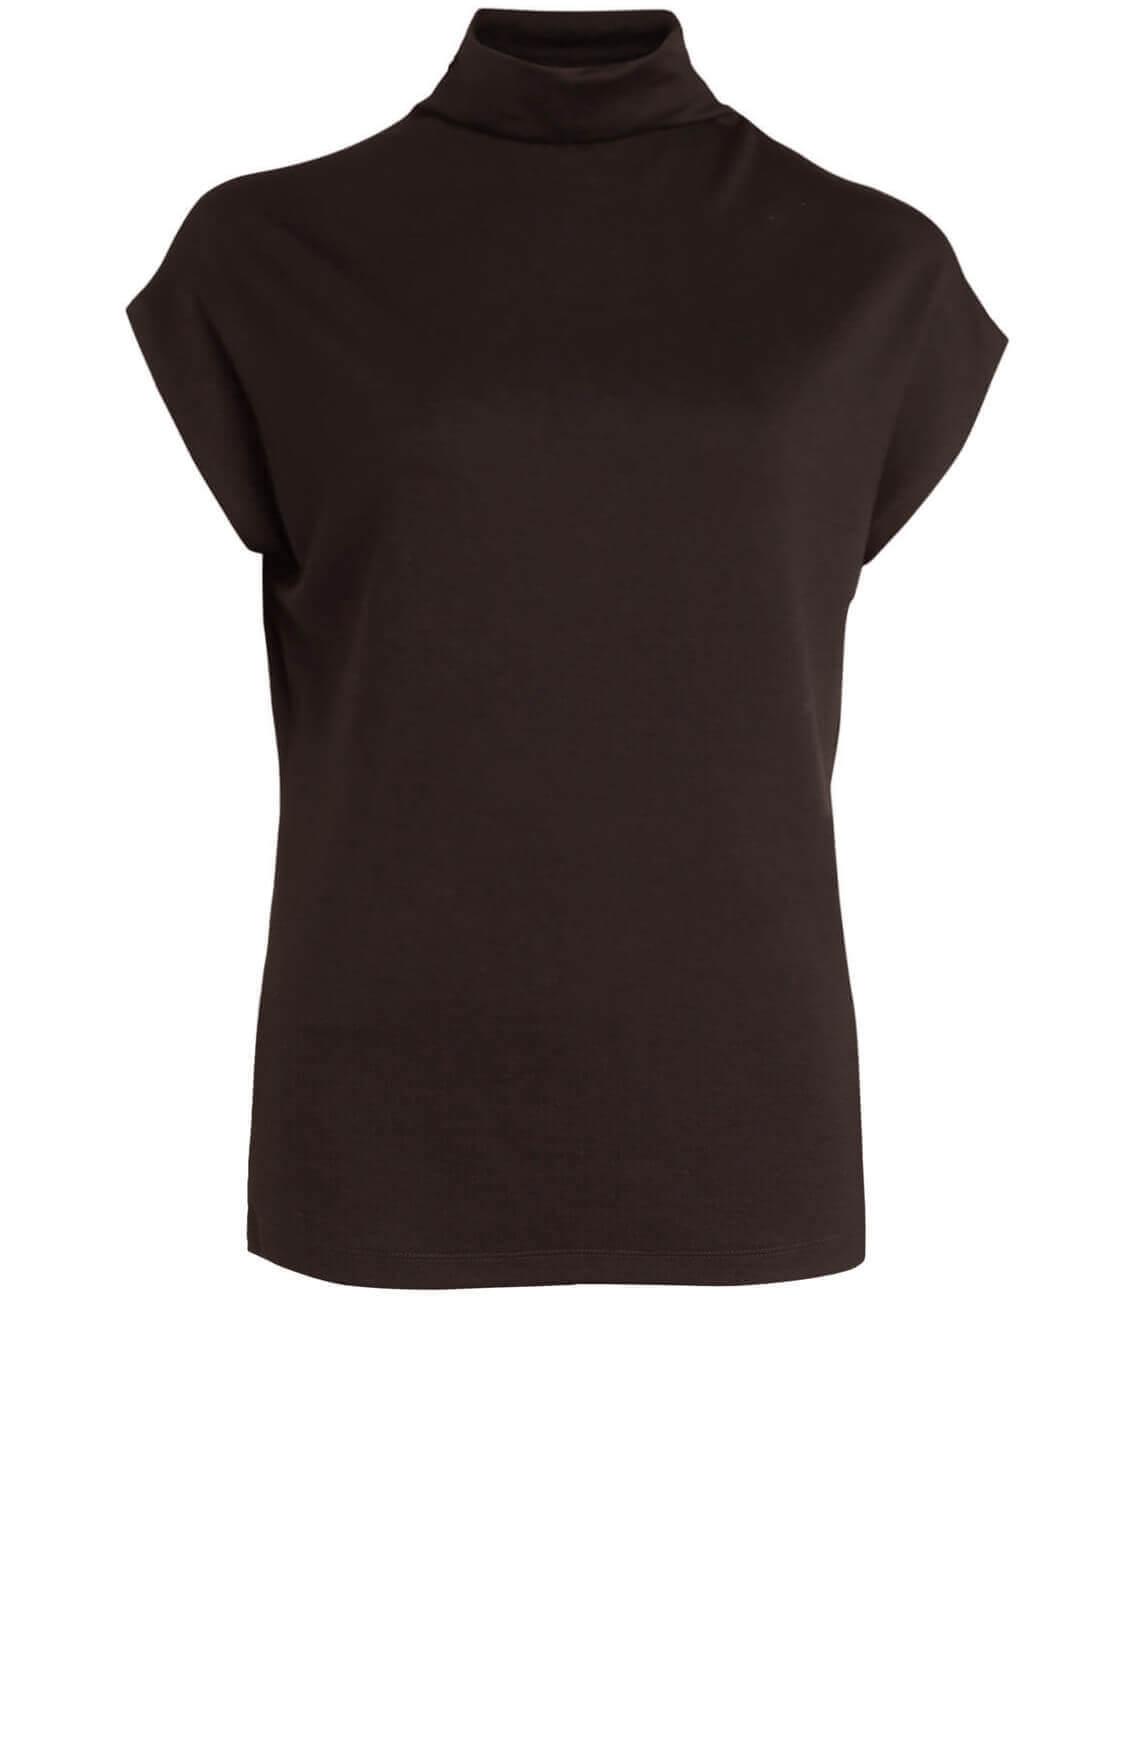 Anna Dames Shirt met col Bruin